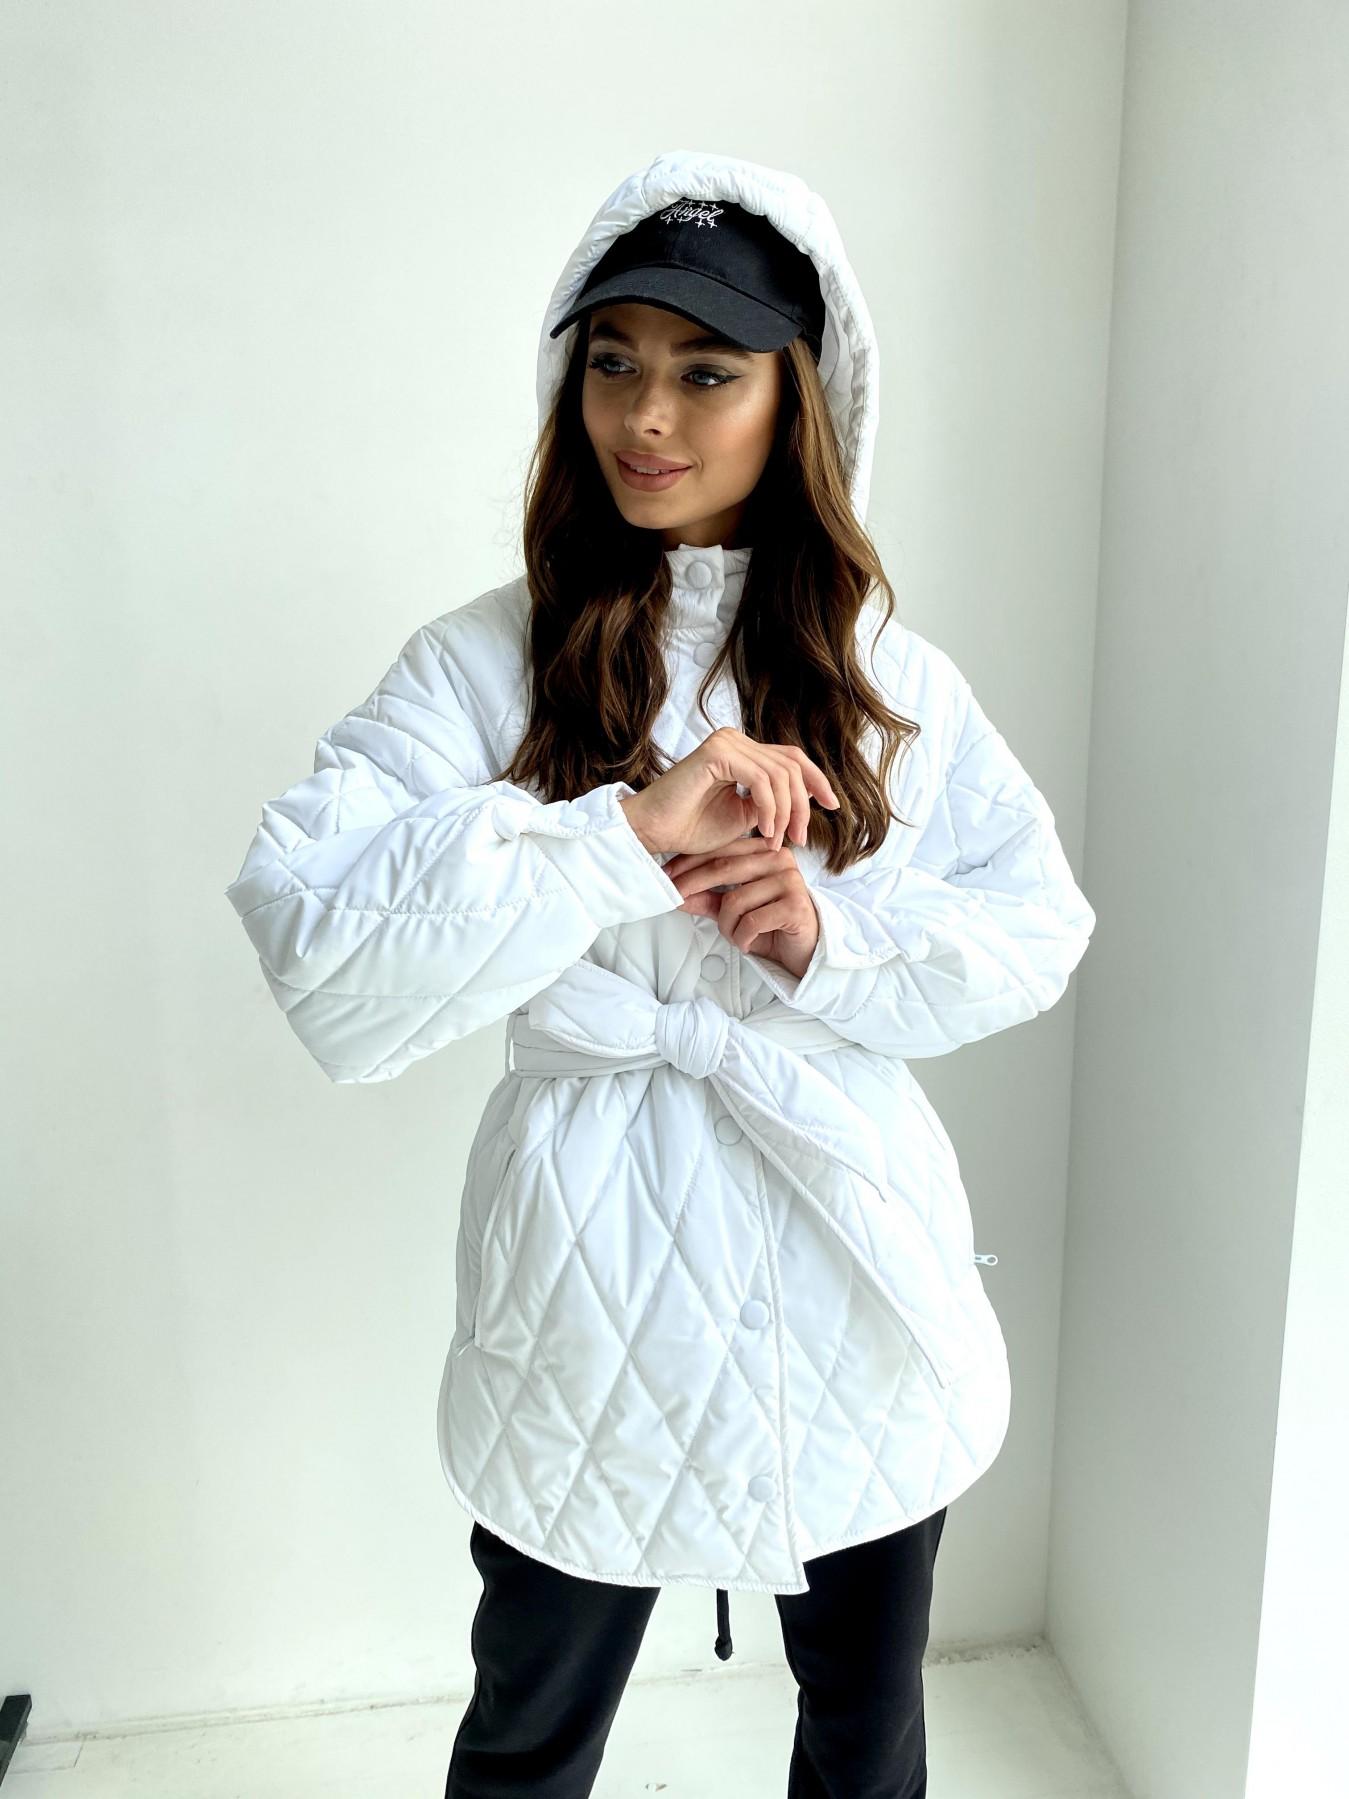 купить куртки женские Пазл стеганая куртка из плащевки 11764